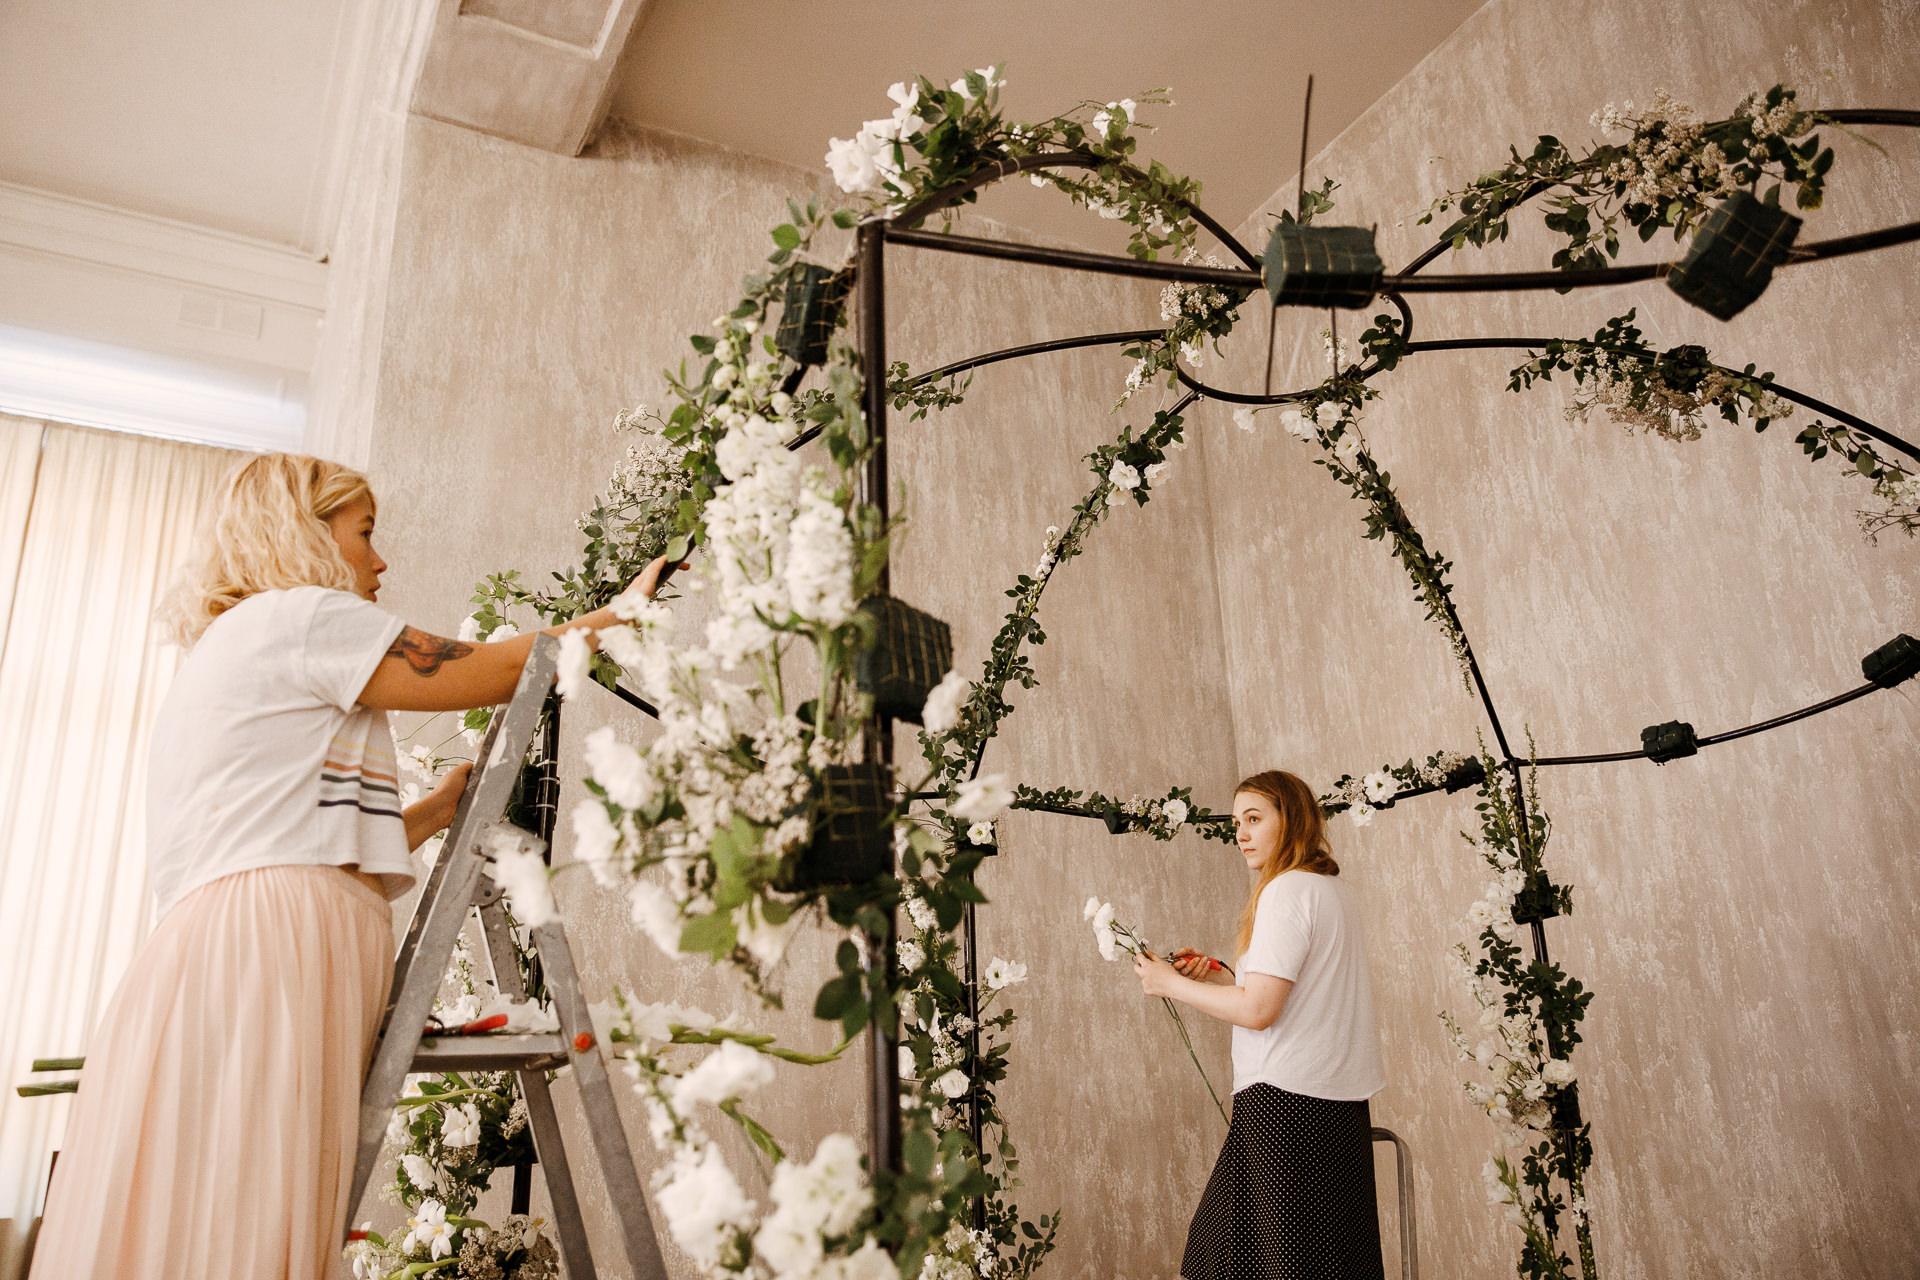 фотосъемка с декором тольятти недорого можно